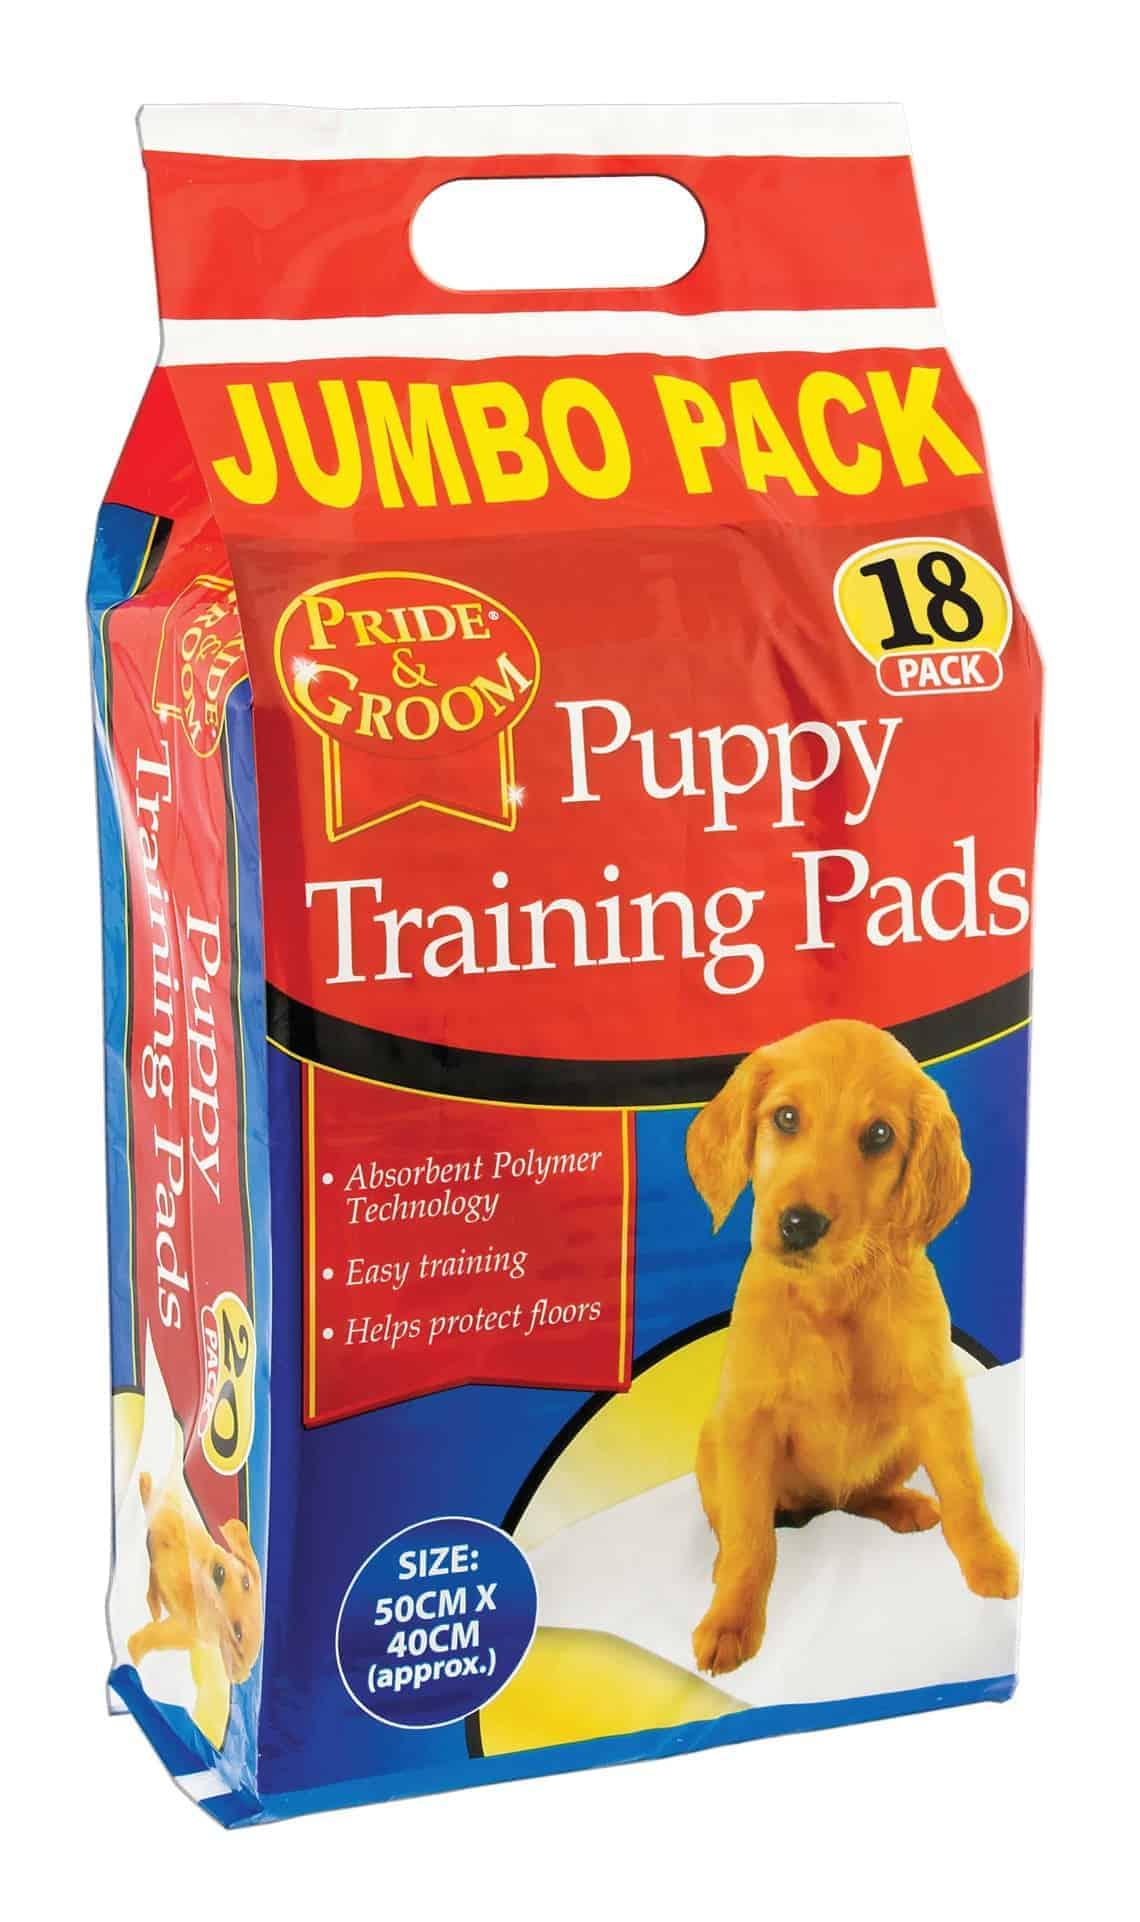 Pride & Groom Puppy Training Packs